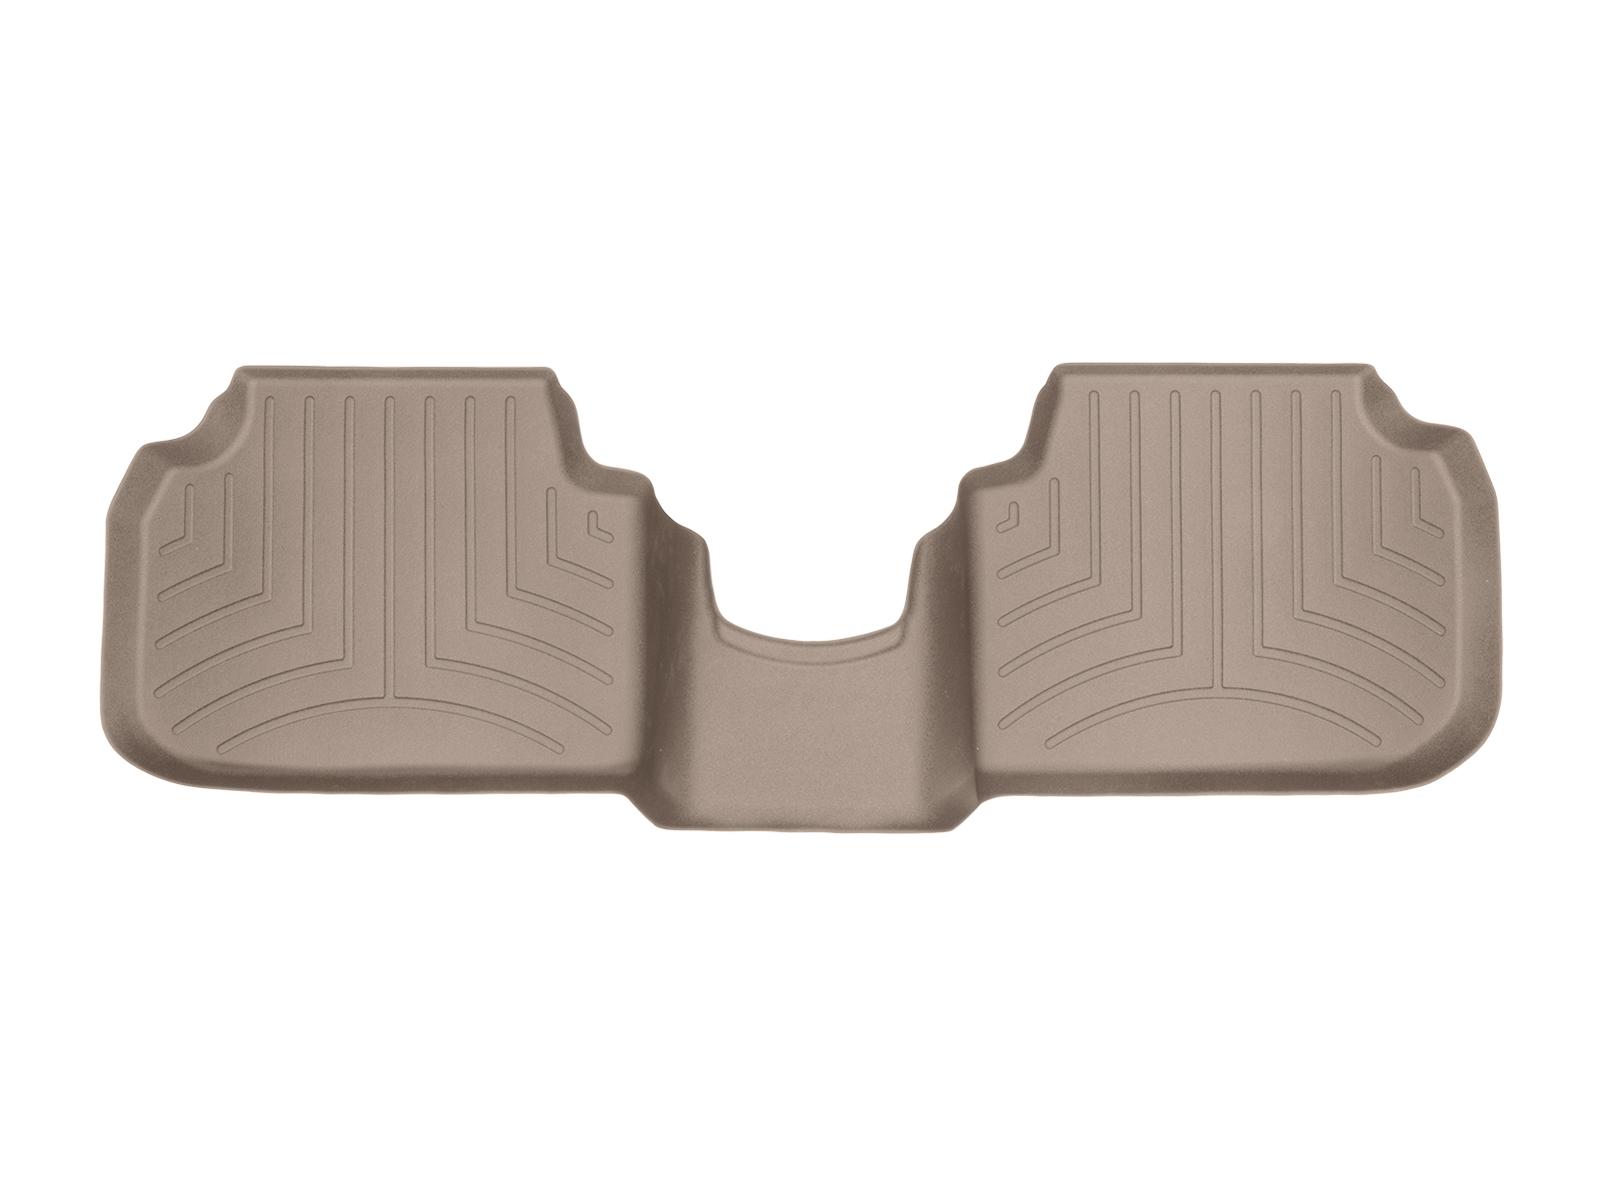 Tappeti gomma su misura bordo alto MINI Clubman 15>17 Marrone A2647*